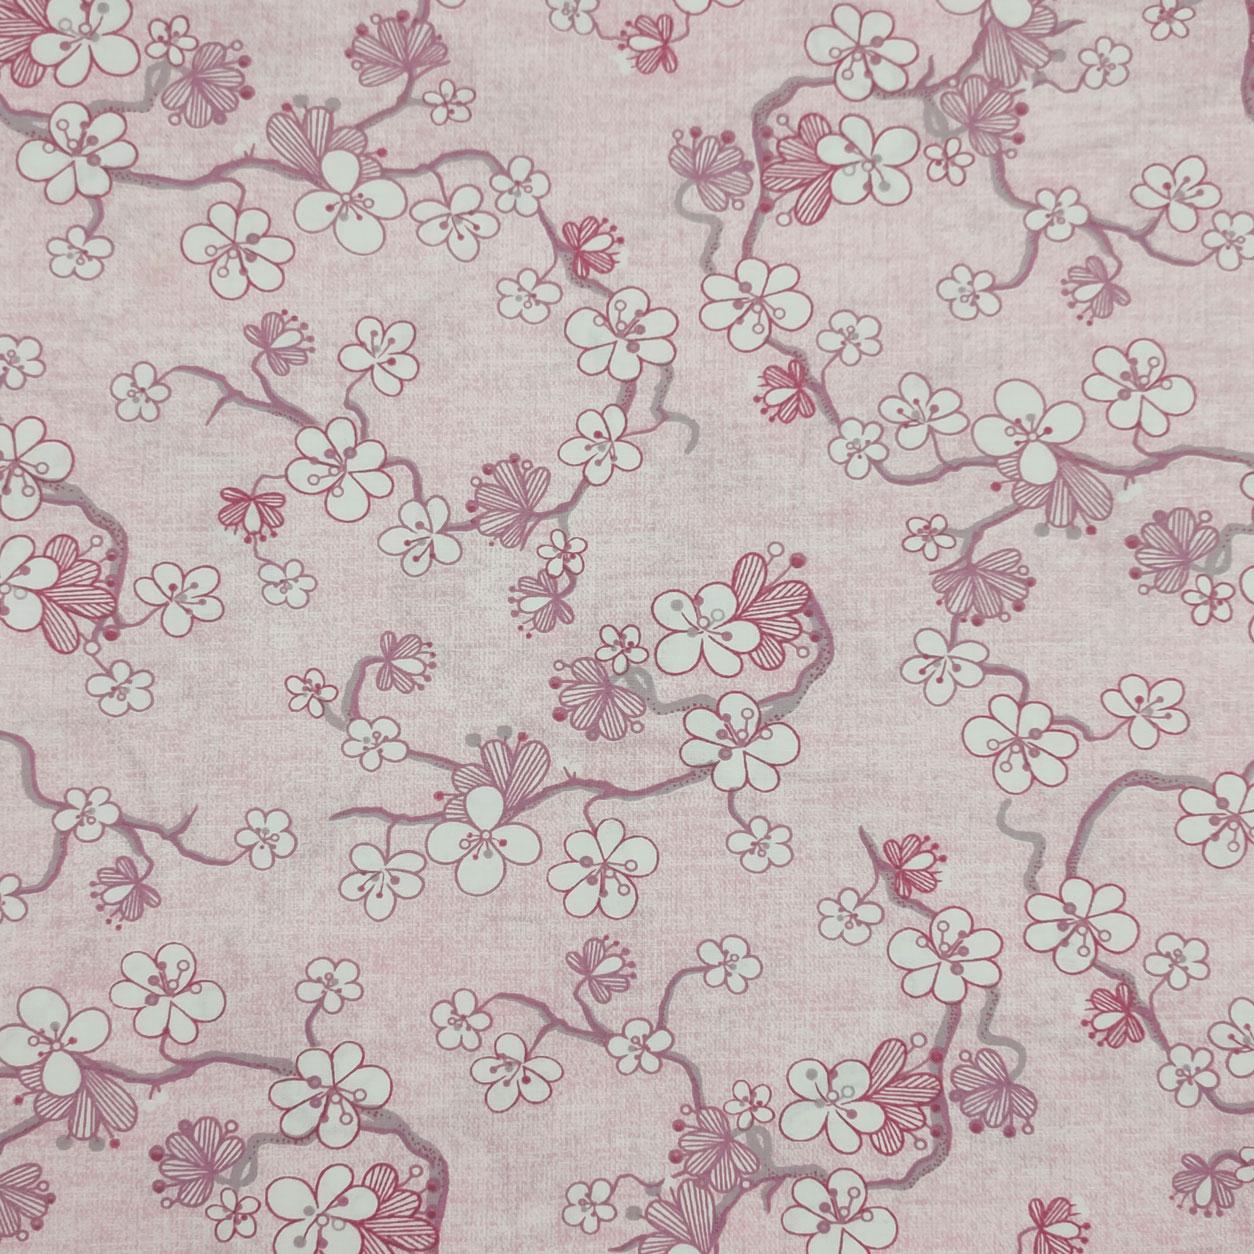 Tessuto Cotone Fantasia Fiori e Rami Sfondo Rosa